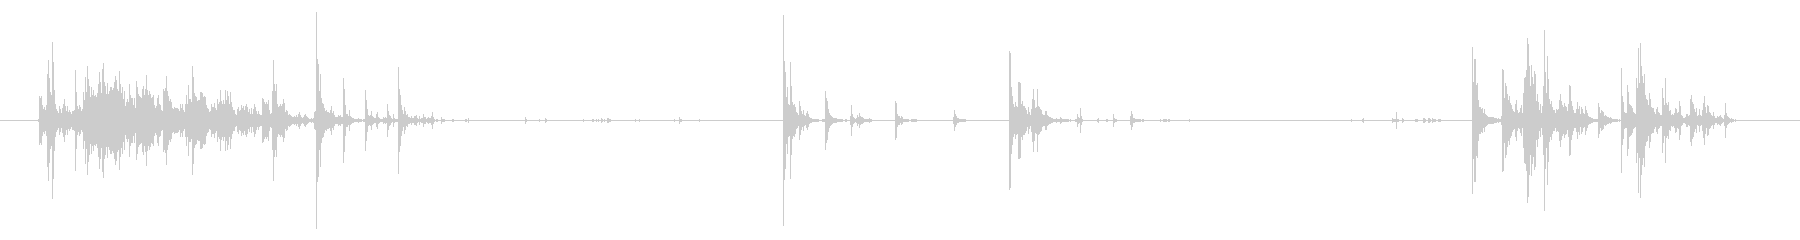 弾薬弾丸:金属弾薬箱の取り扱いと落下の未再生の波形